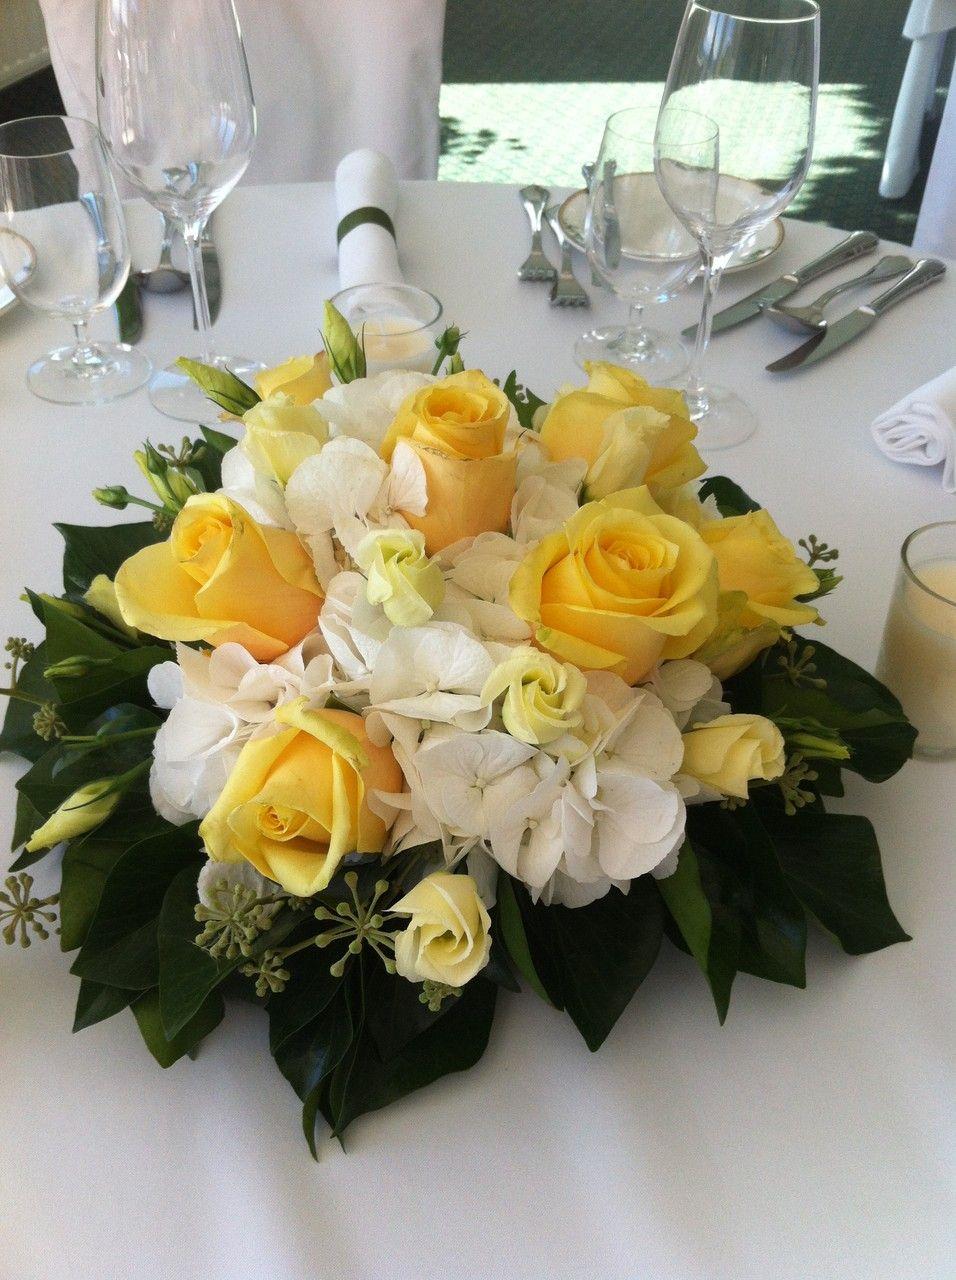 Gelbes Blumengesteck Hochzeitstafel Hochzeit Blumengestecke